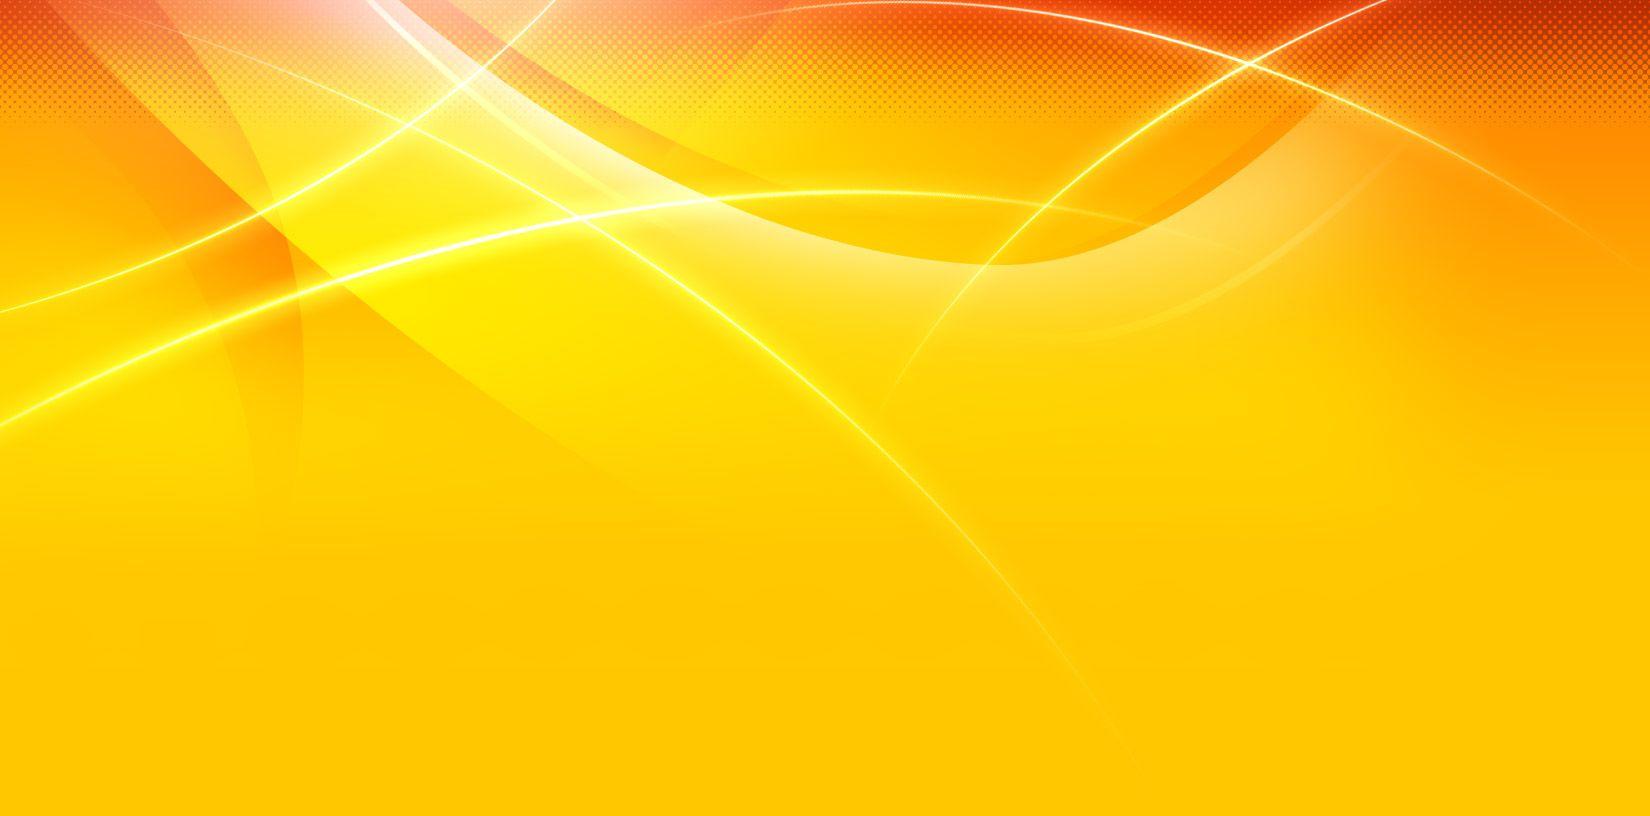 Pastel Orange Wallpapers - Top Free Pastel Orange Backgrounds ... | 816x1650